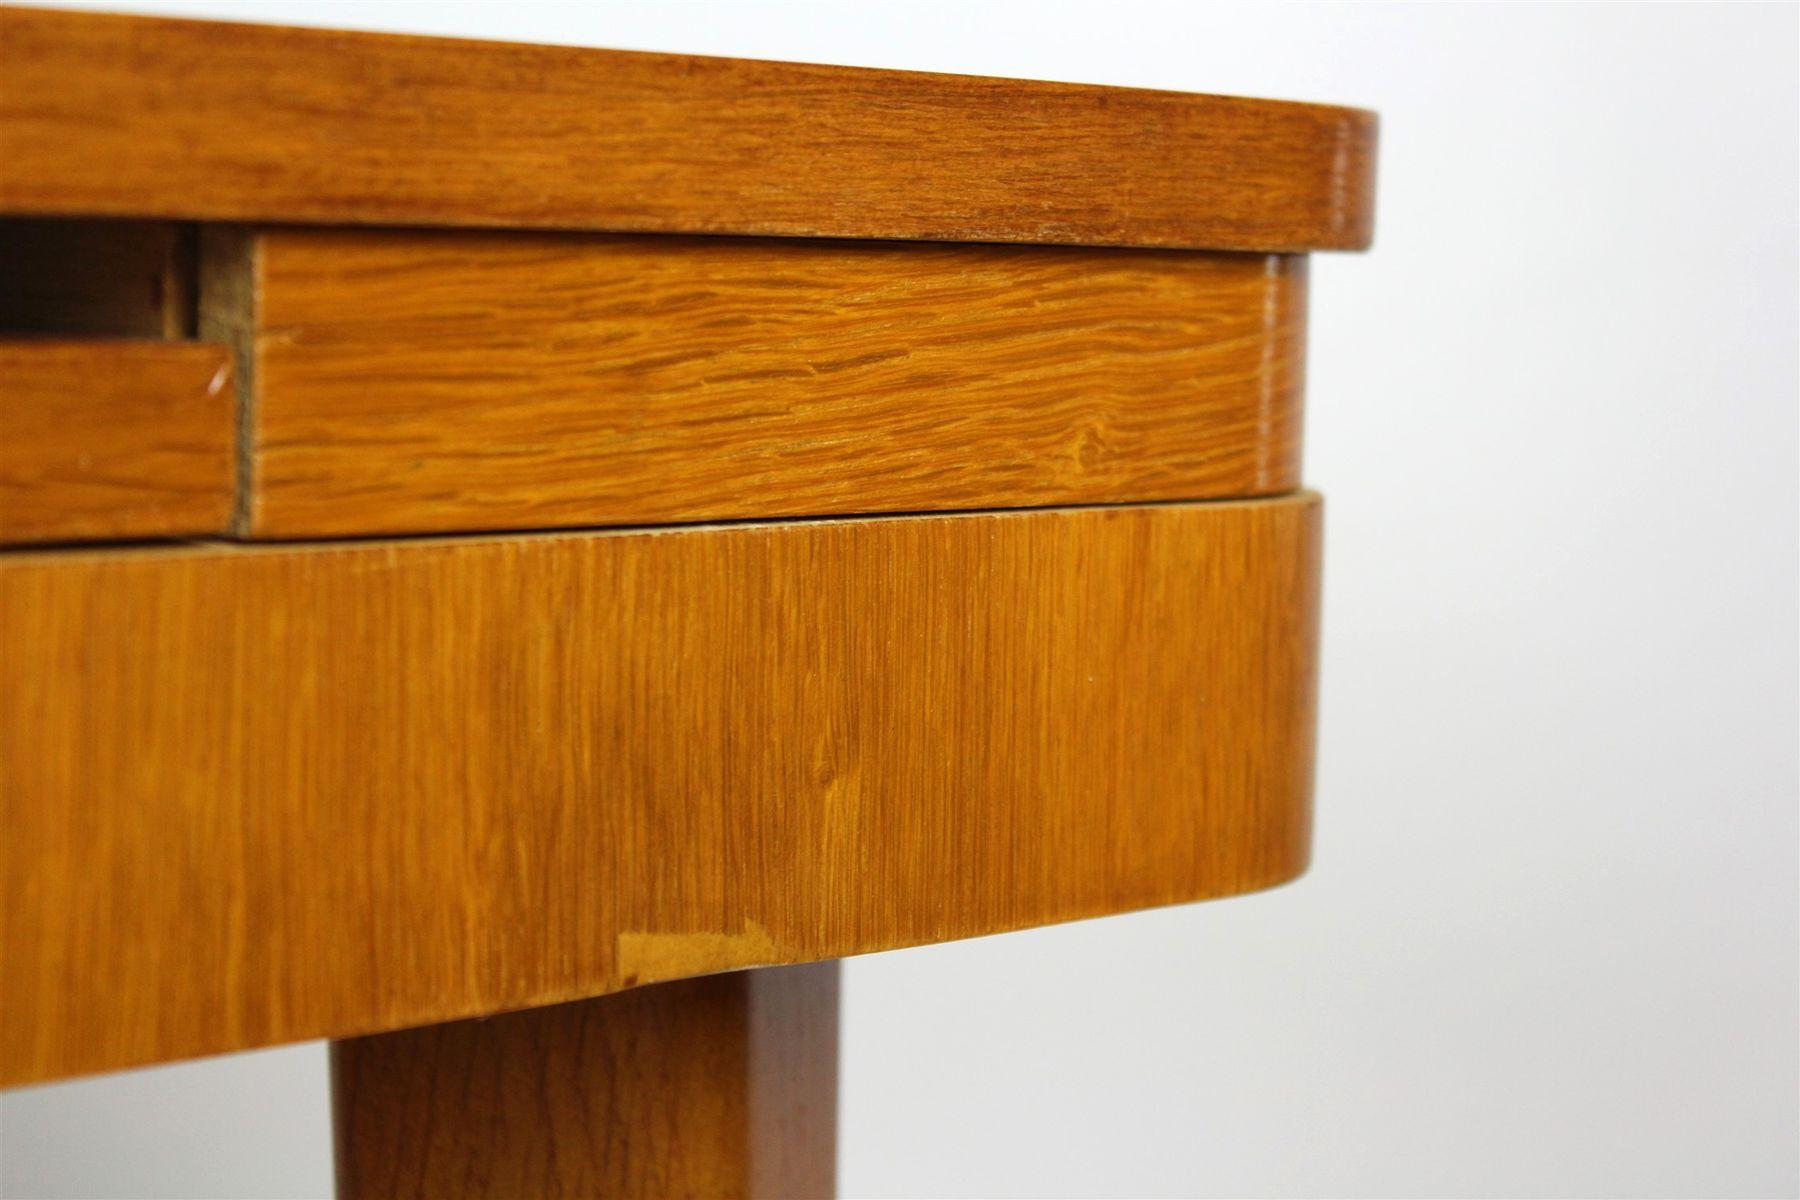 Viereckiger klappbarer esstisch von jitona 1960er bei for Klappbarer esstisch